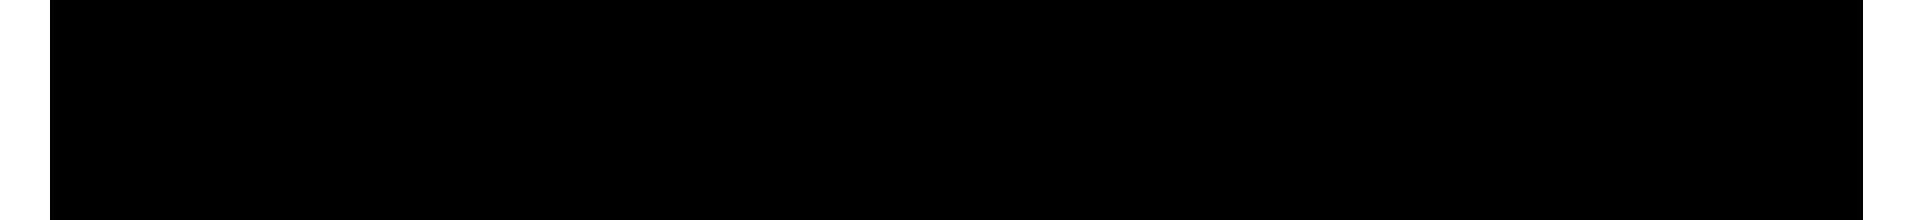 Snack Media Group Logo